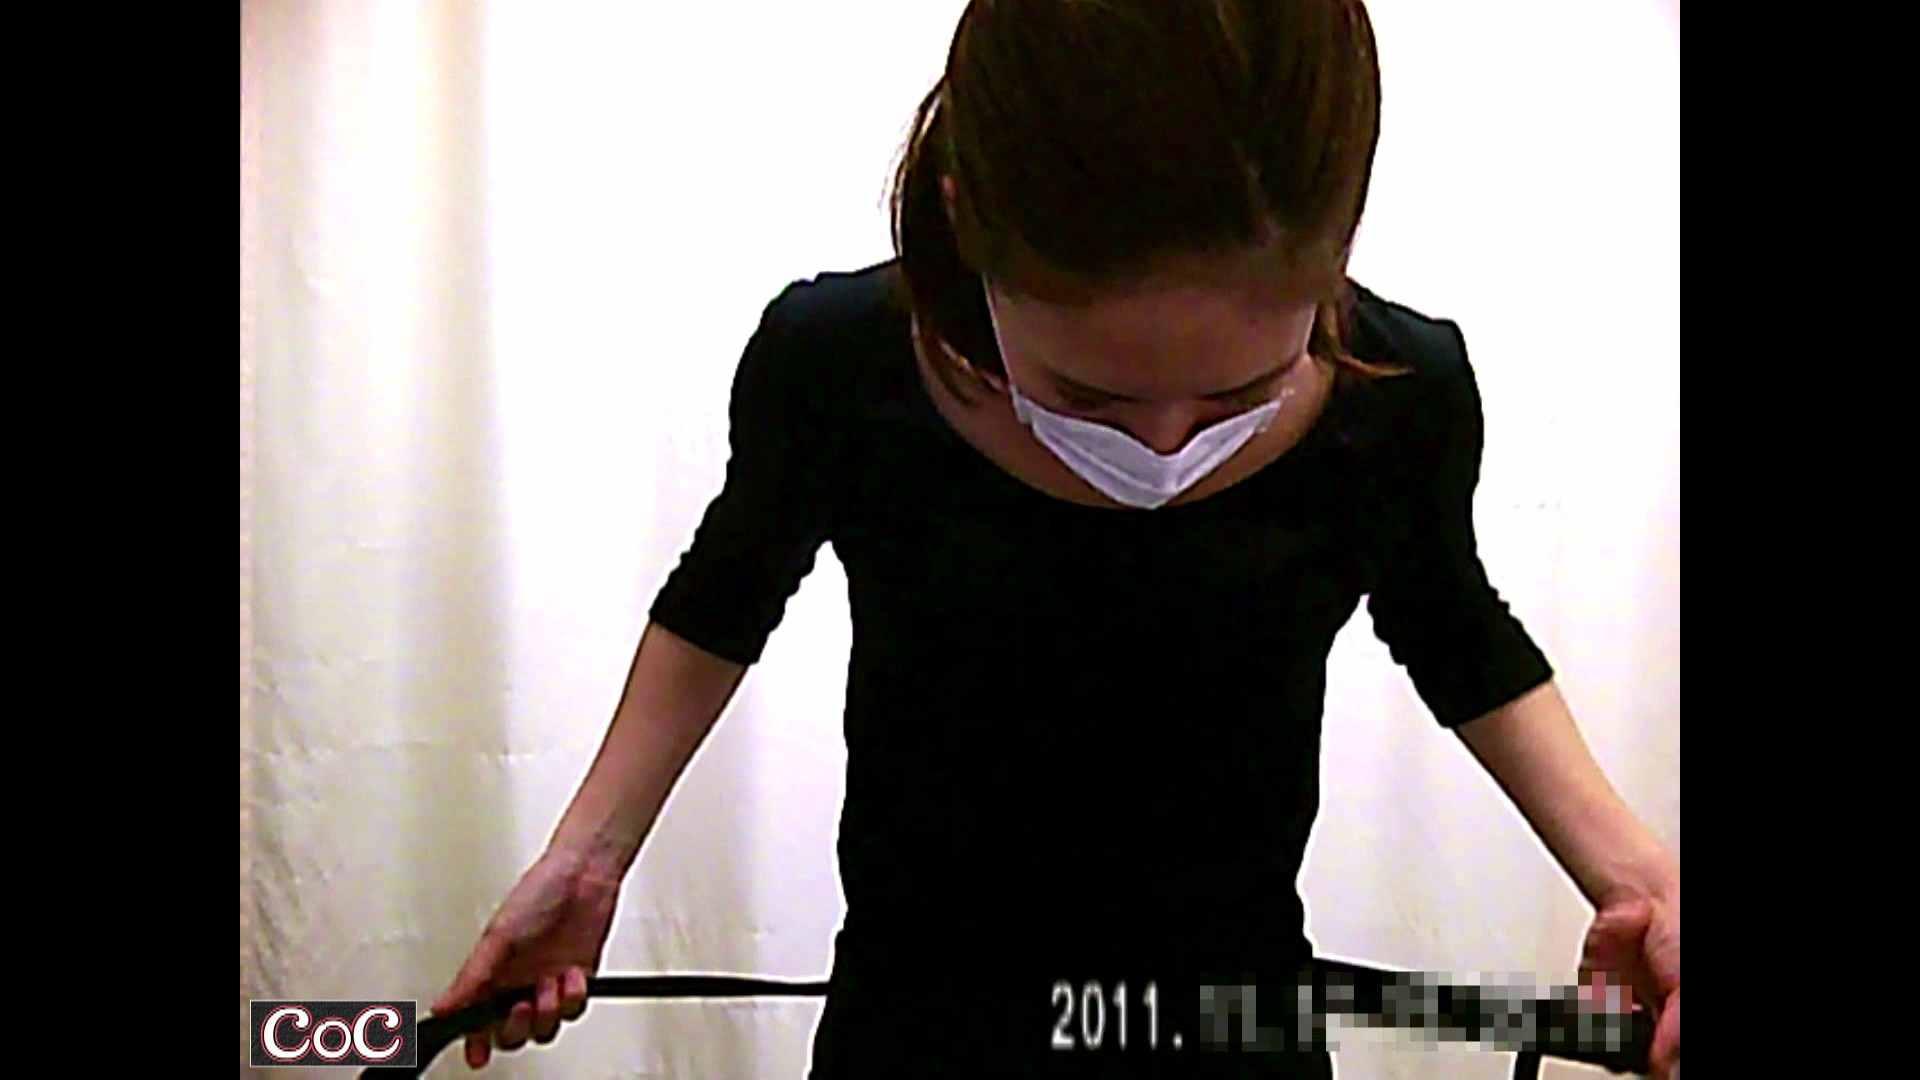 病院おもいっきり着替え! vol.96 おっぱい すけべAV動画紹介 90画像 83